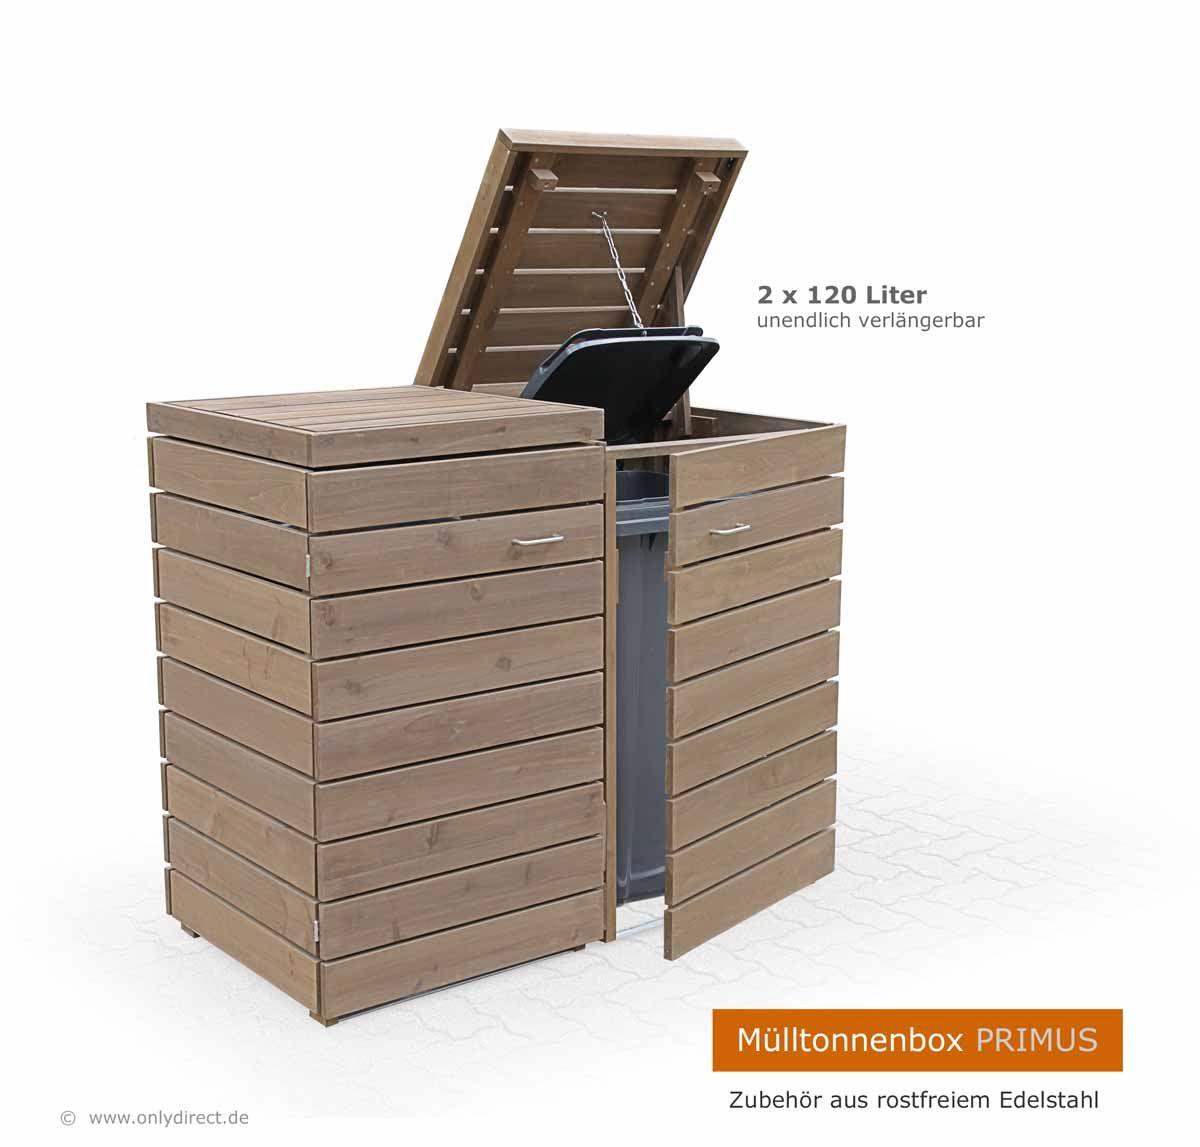 extra stabil und besonders schön - mülltonnenbox primus im modernem